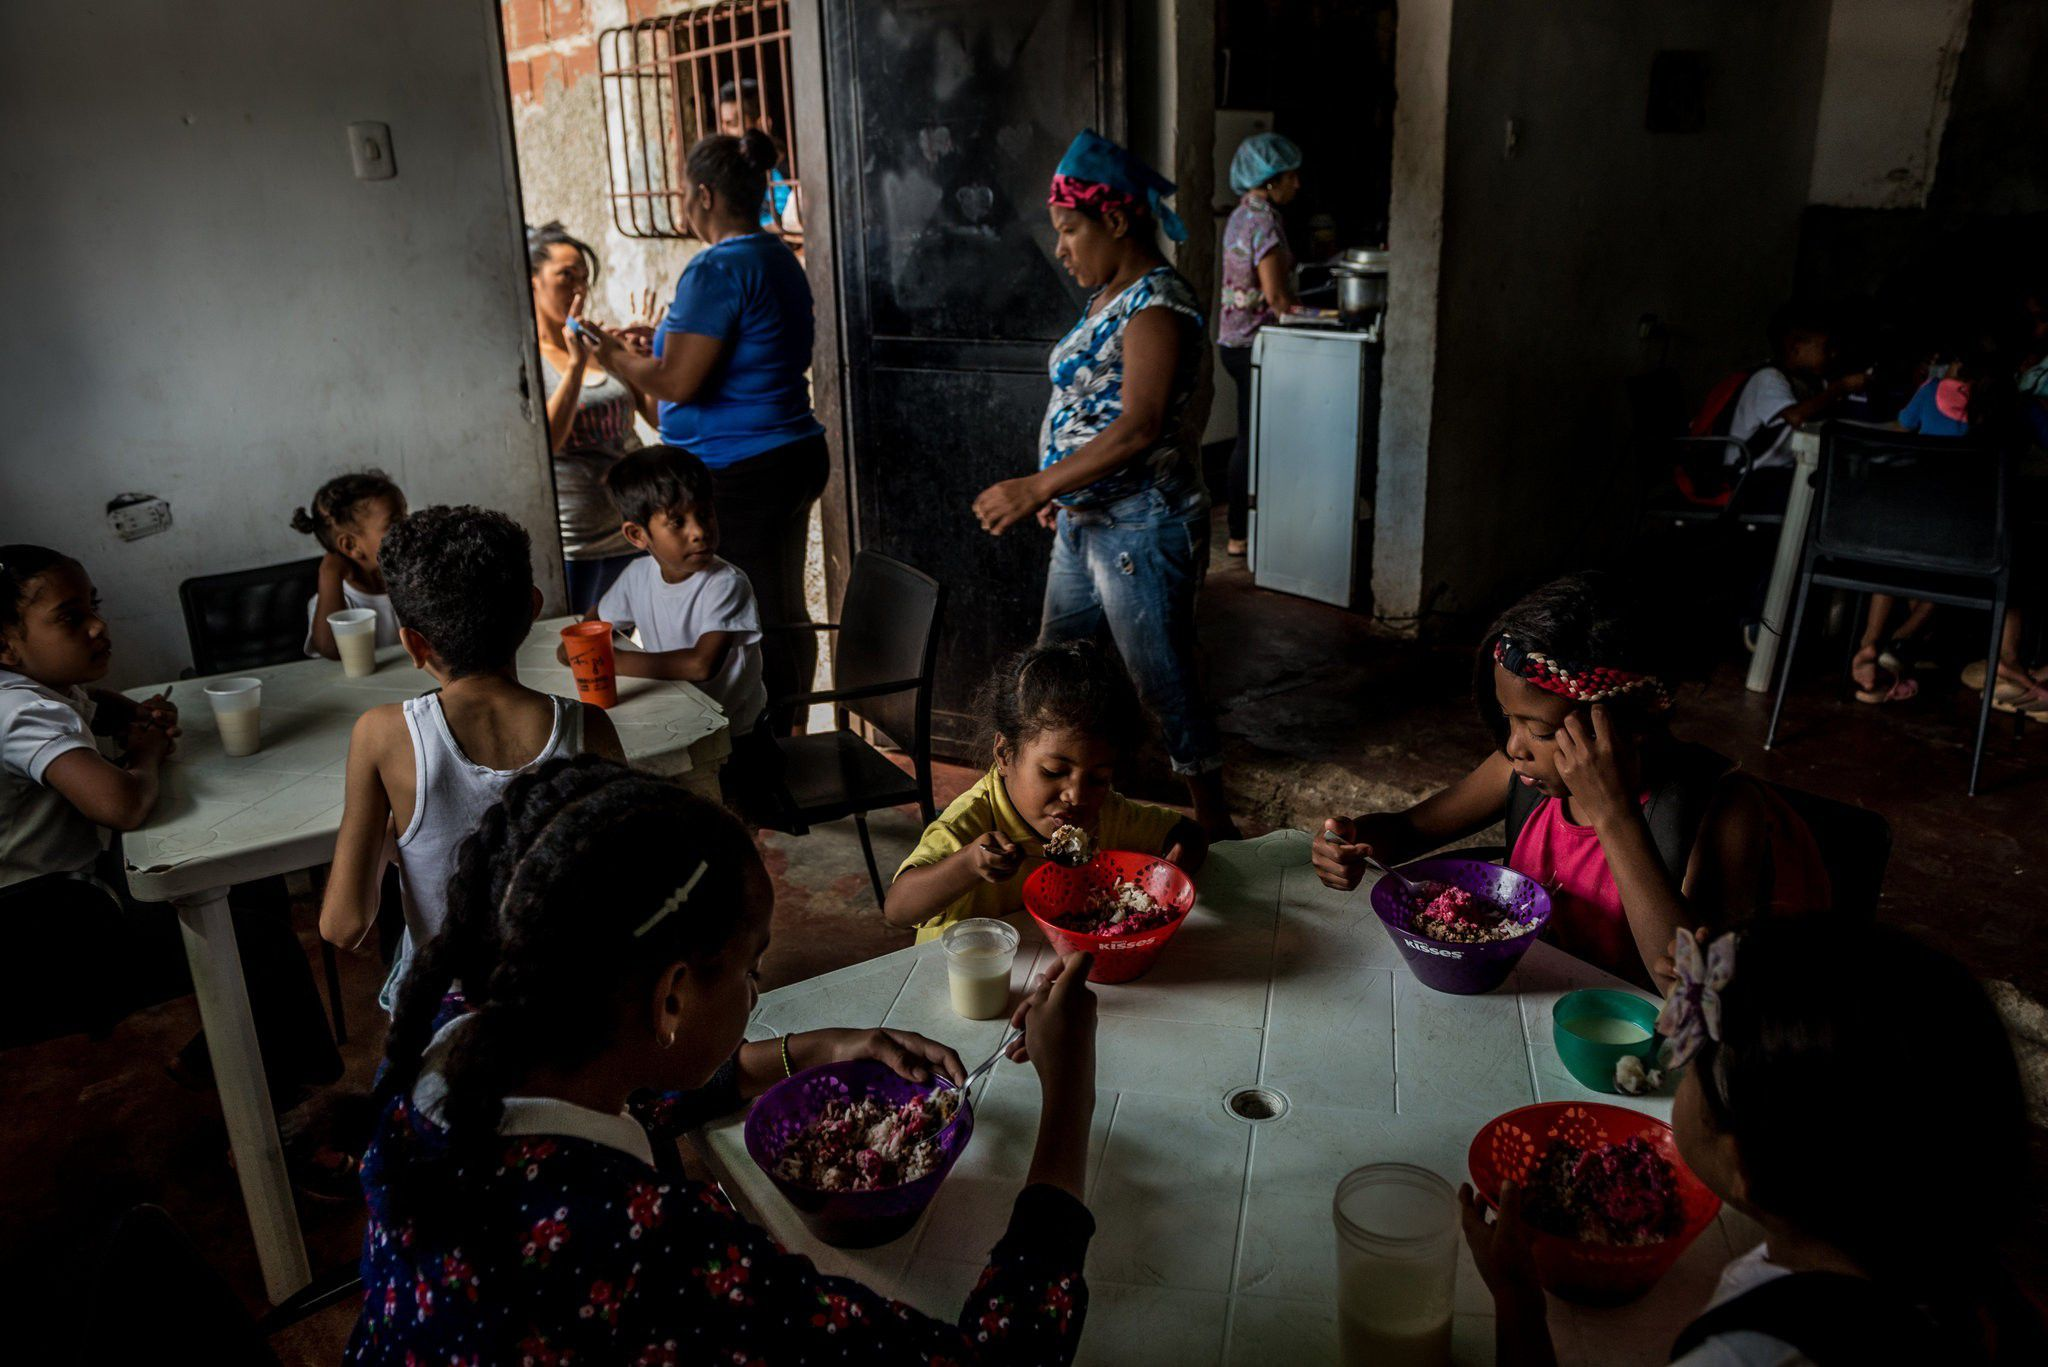 Cuộc sống khó khăn gấp bội của người Venezuela dưới lệnh trừng phạt của Mỹ